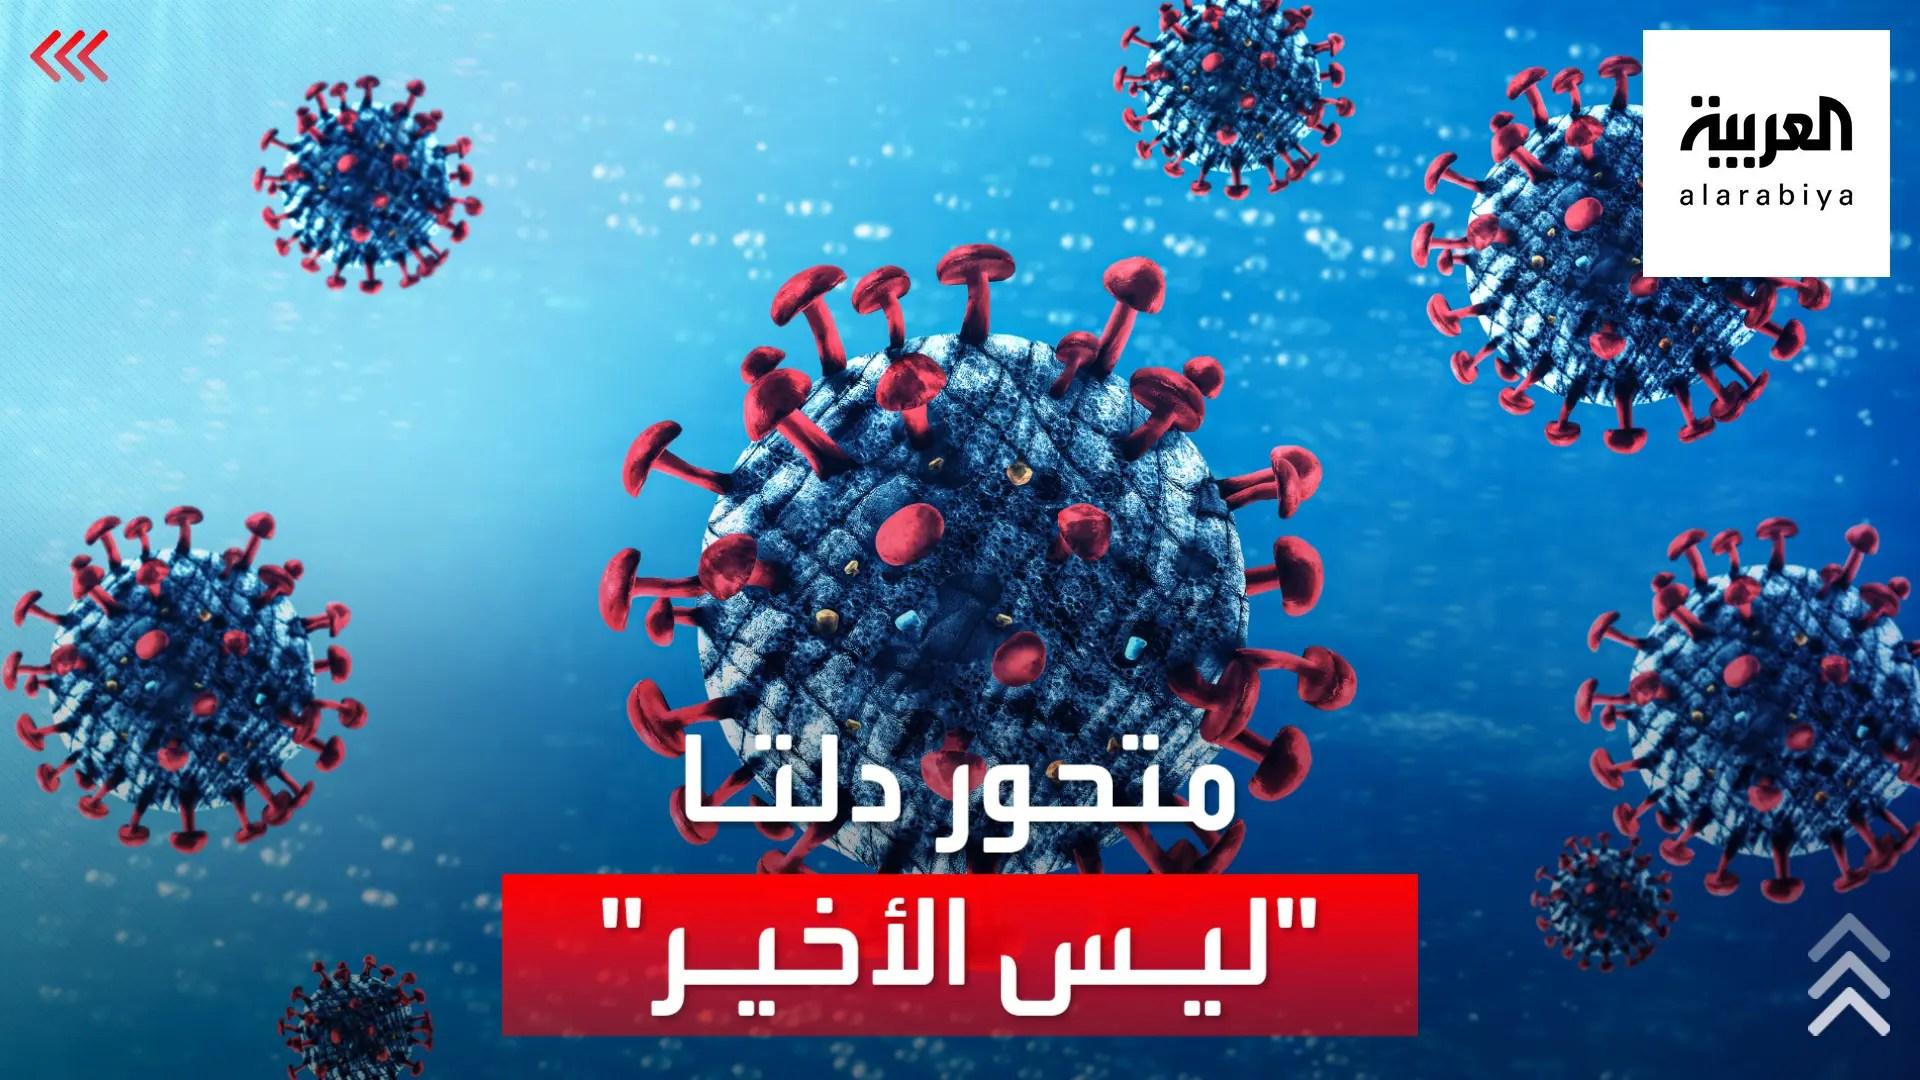 تصريح جديد للصحة العالمية.. متحور دلتا لن يكون الأخير لفيروس كورونا